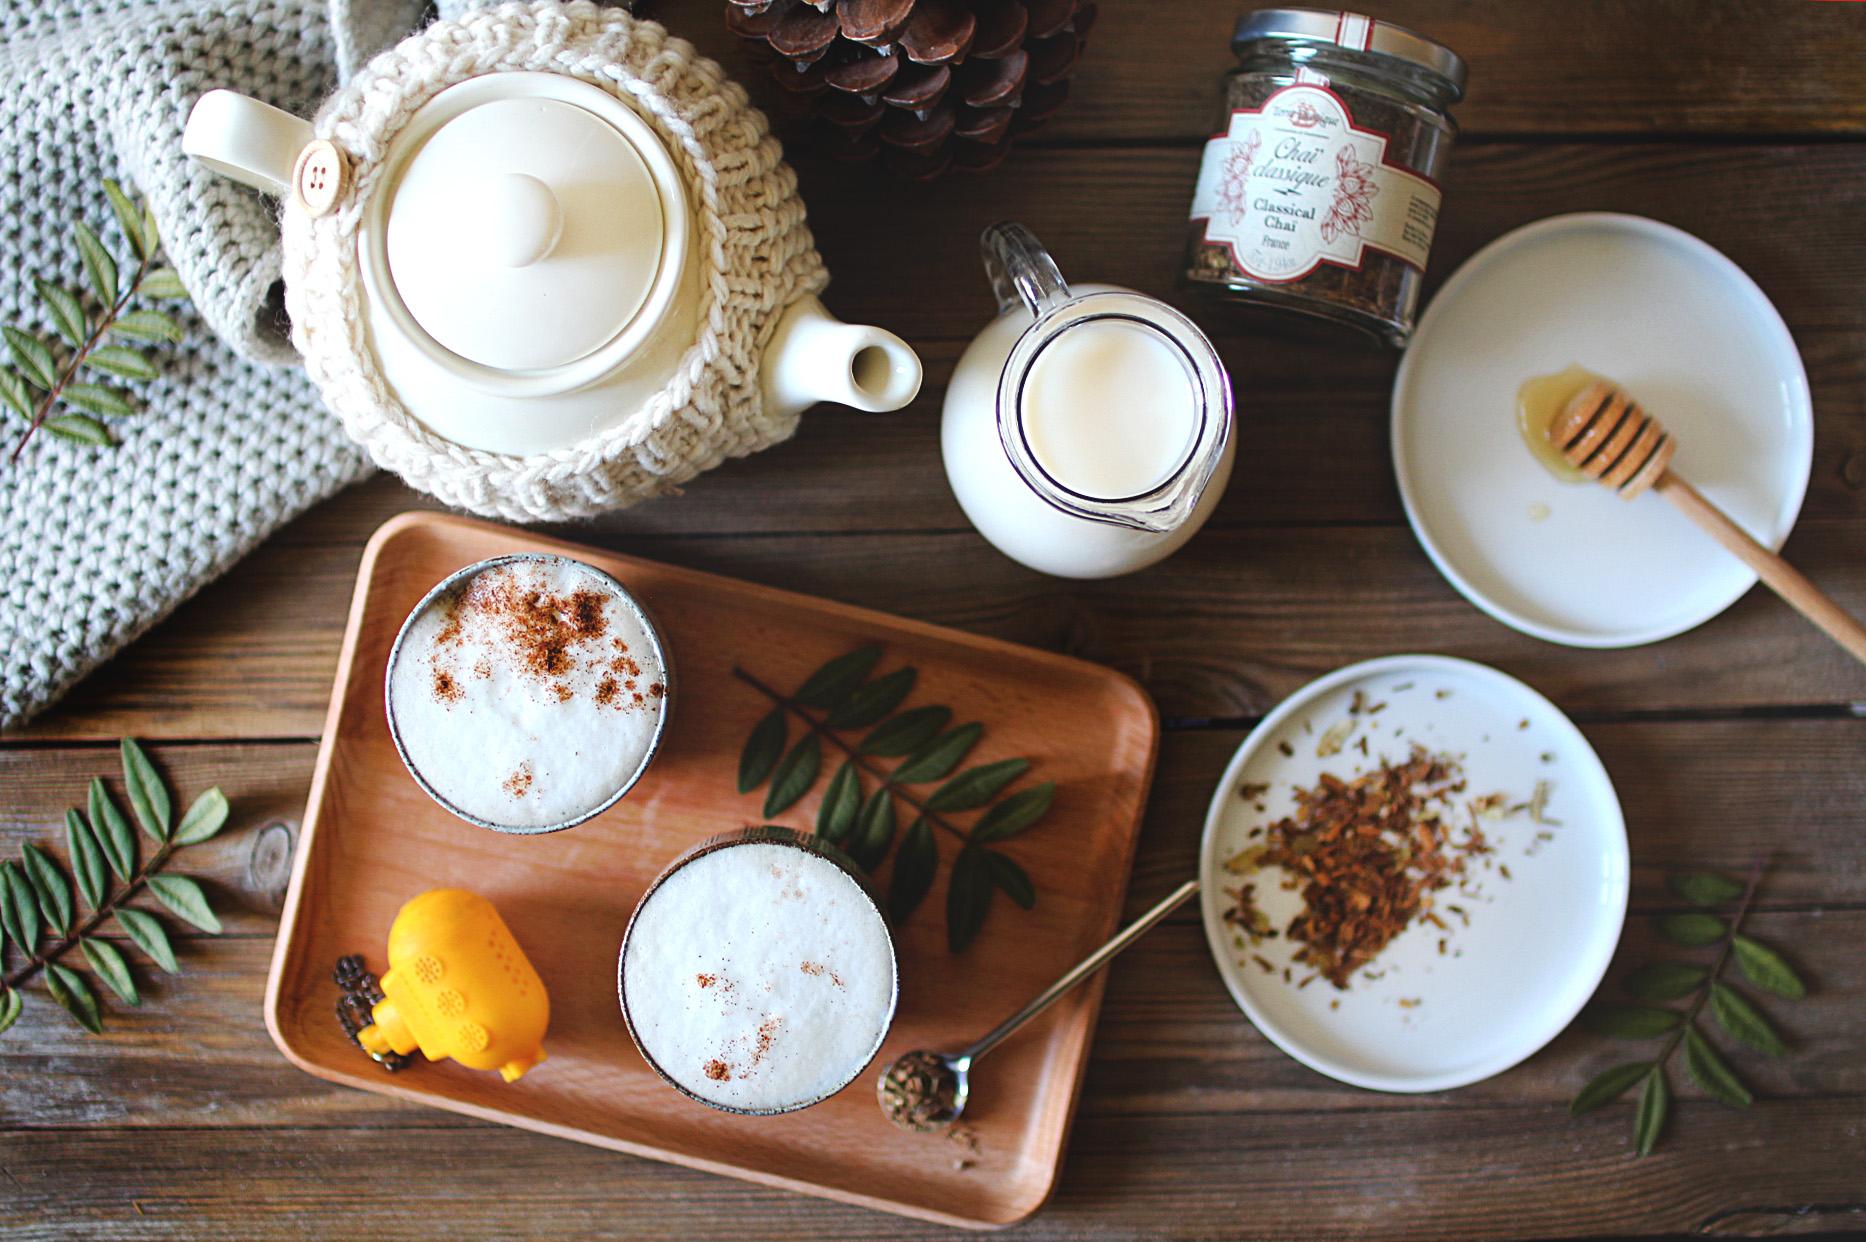 La recette du Chaï tea latte